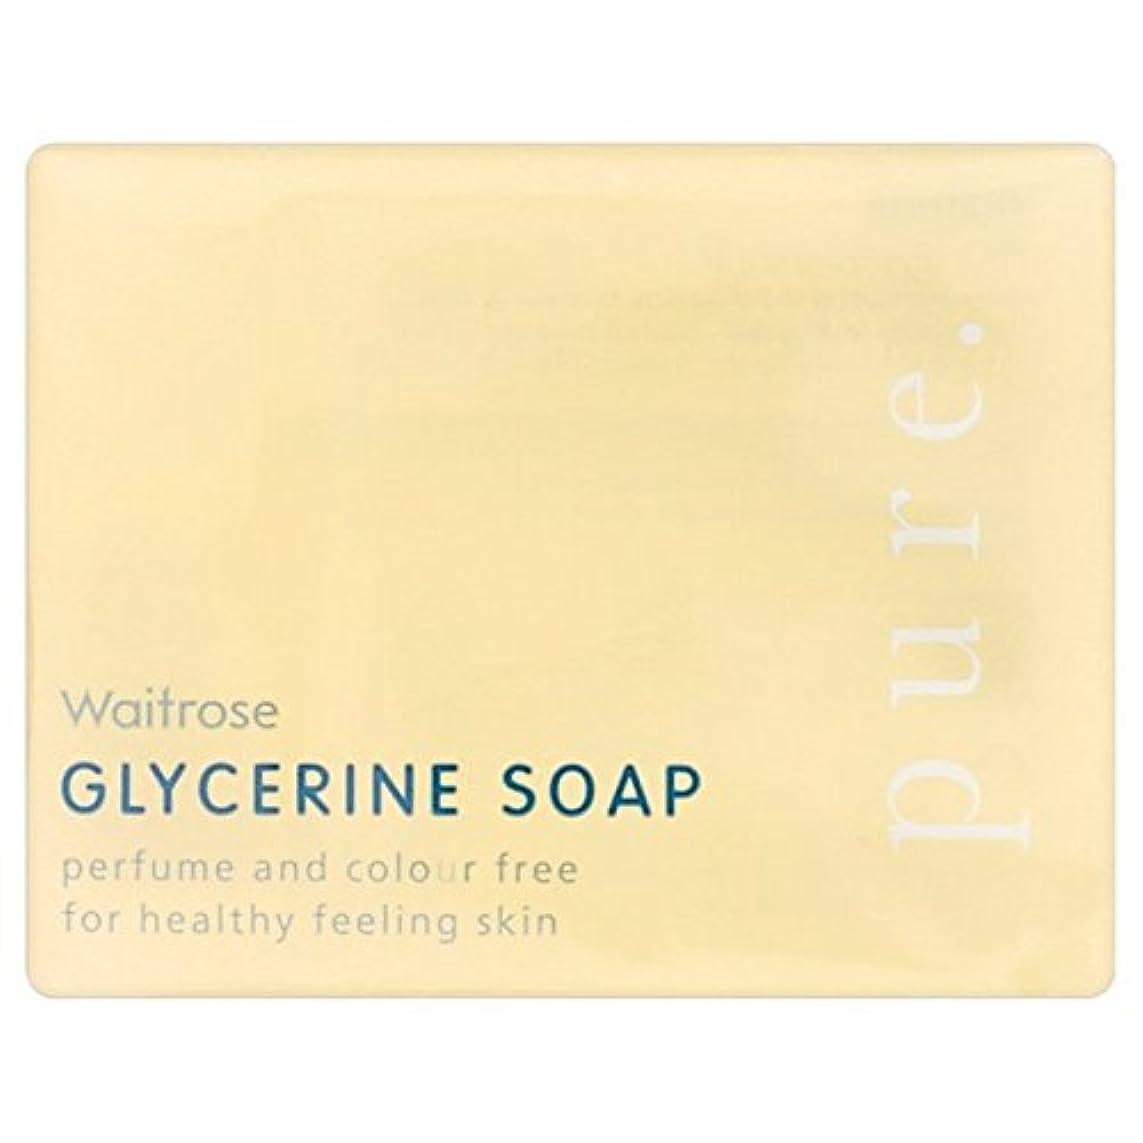 にじみ出る人質防止純粋なグリセリンソープウェイトローズの100グラム x4 - Pure Glycerine Soap Waitrose 100g (Pack of 4) [並行輸入品]